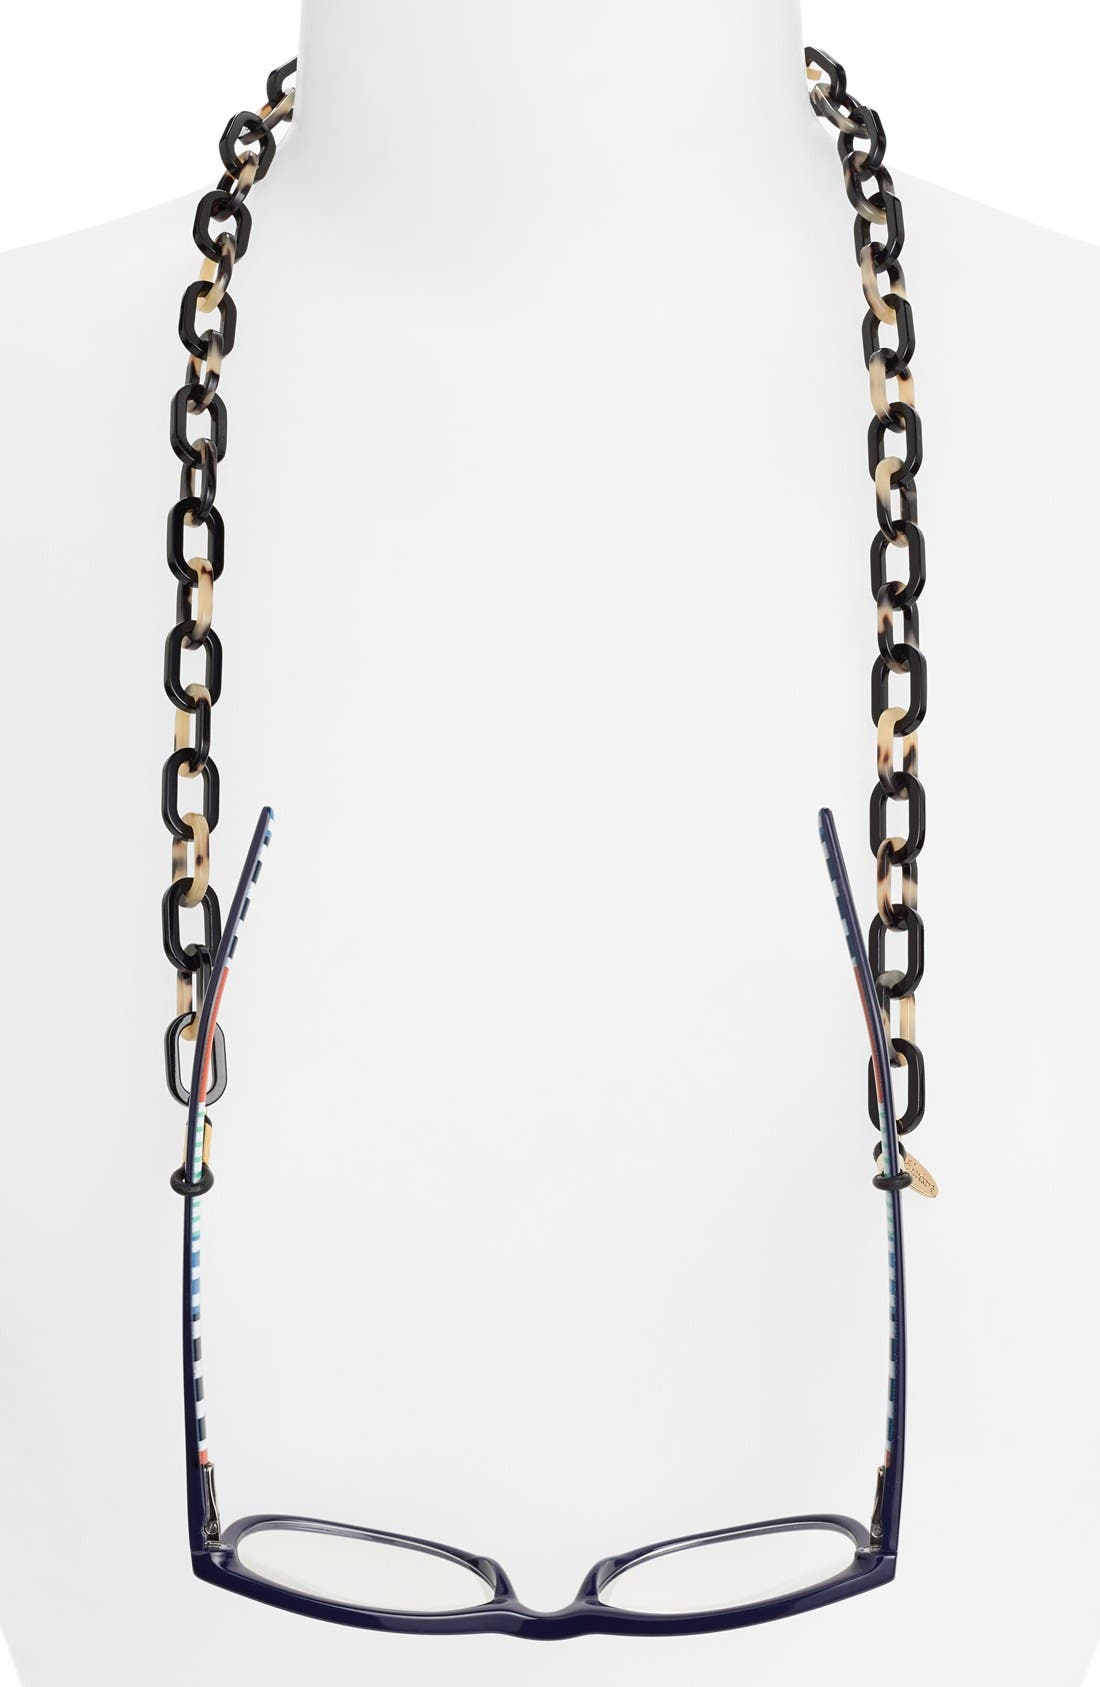 L. Erickson 'Brynn' Oval Link Eyewear Chain